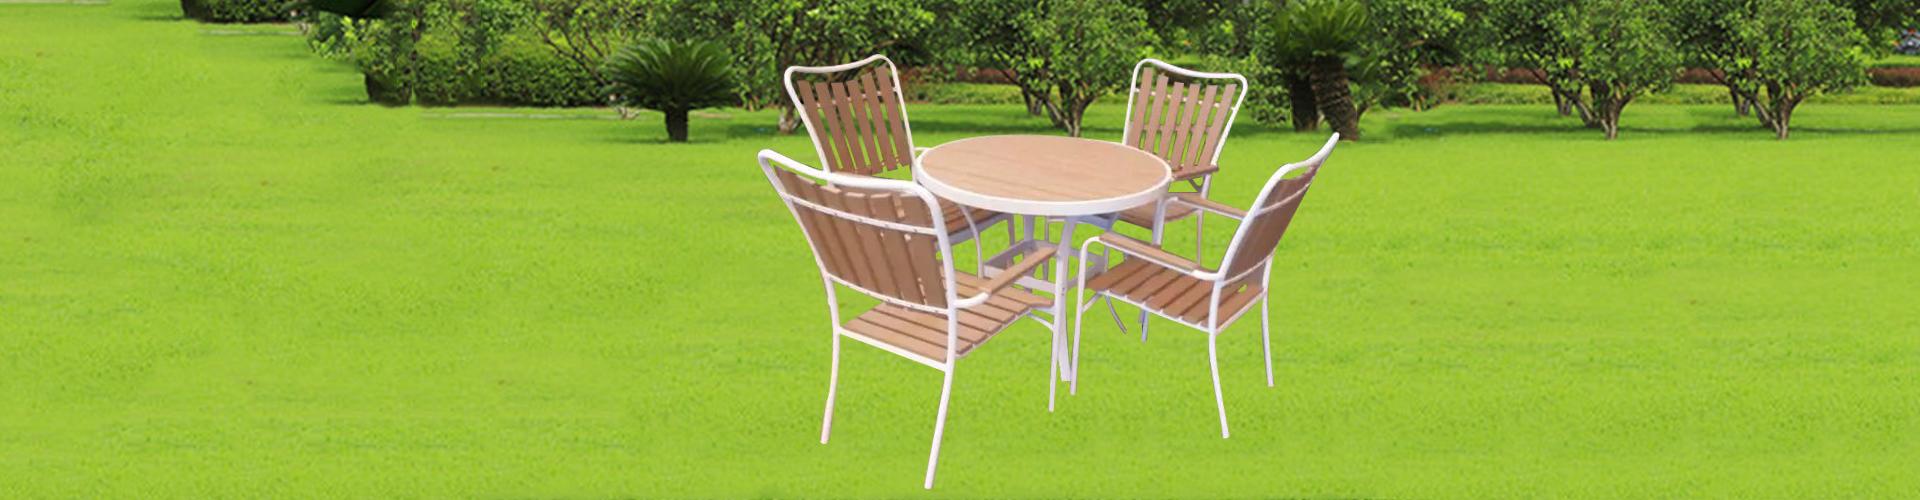 供应户外休闲家具时尚塑木餐桌椅组合 佛山家具工厂 阳台时尚桌椅